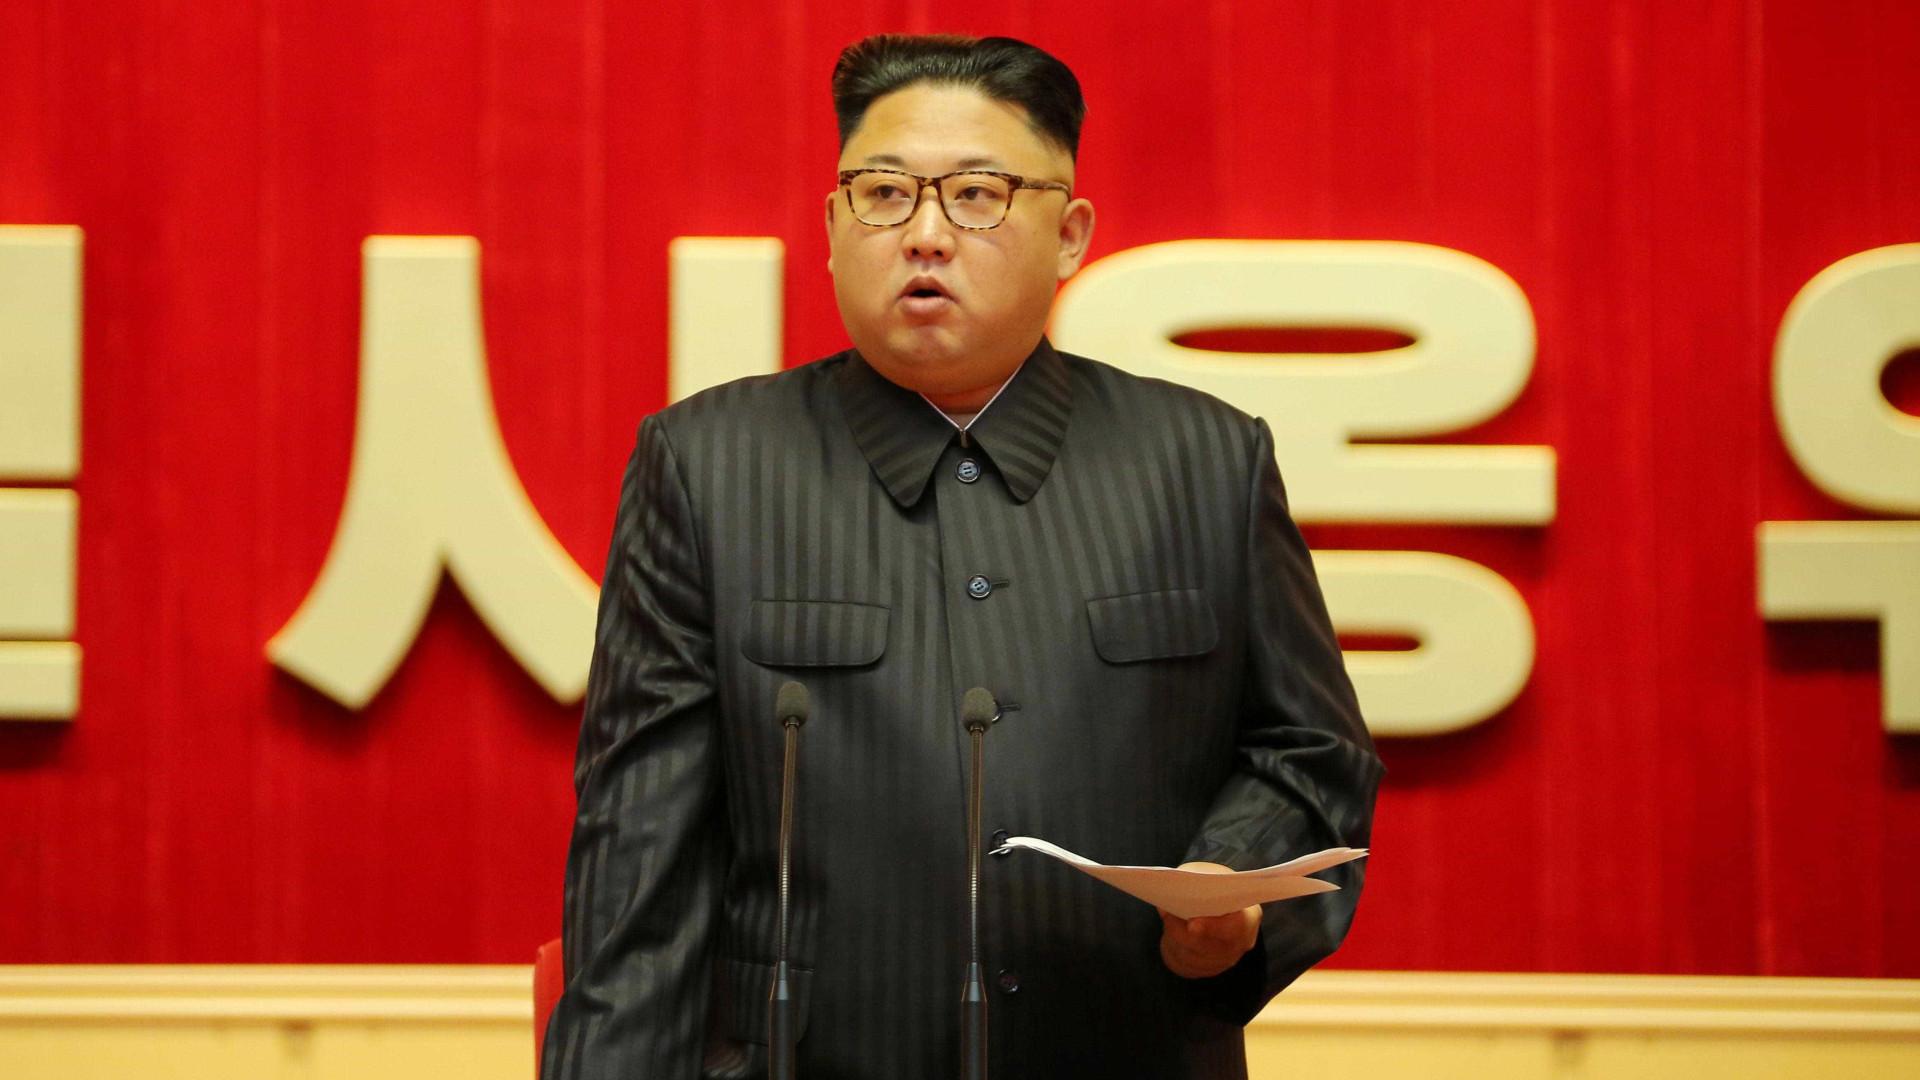 Líder norte-coreano herdou um exército debilitado pela corrupção